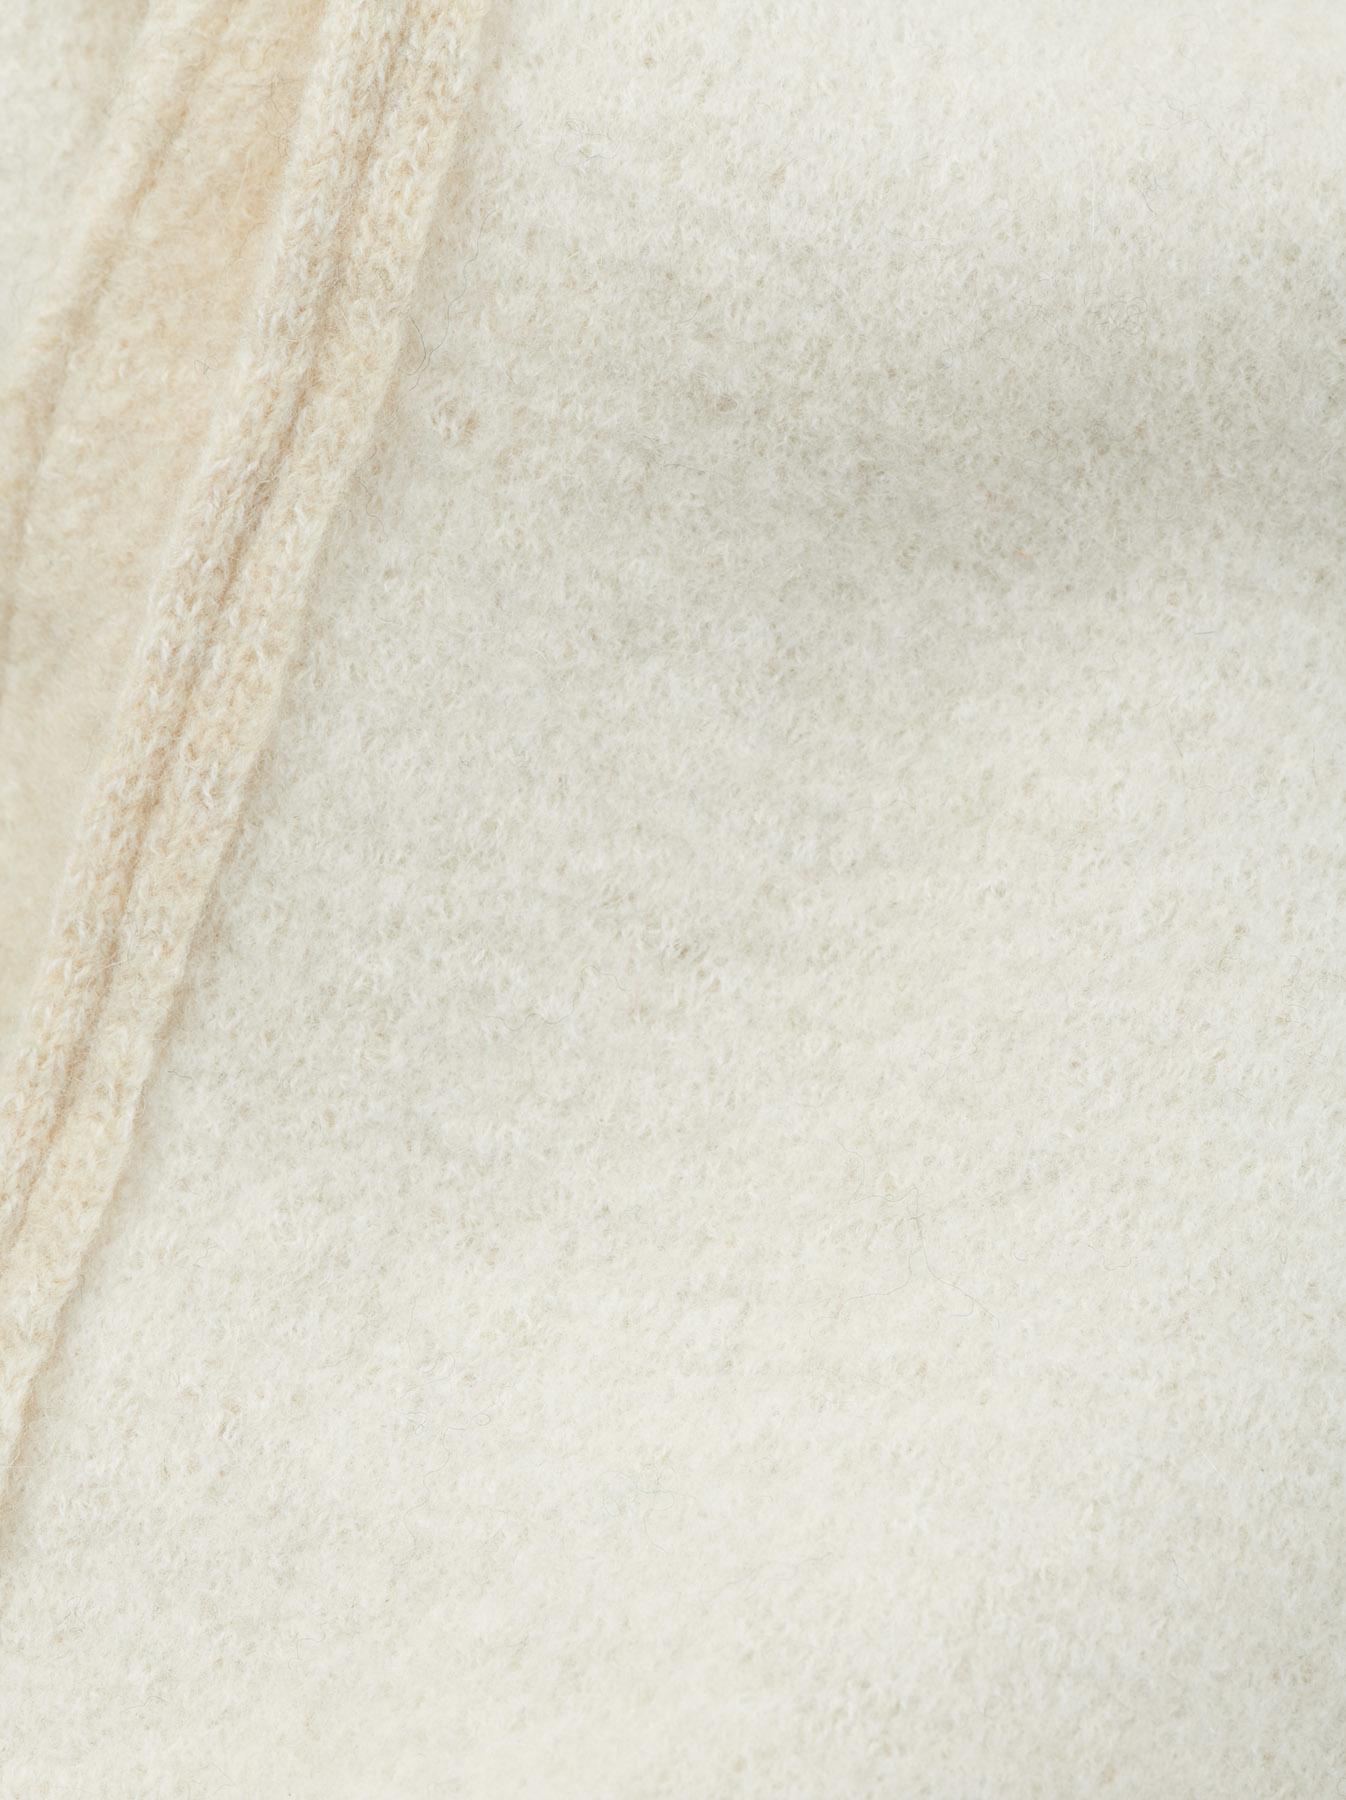 Boiled Knit 908 Cowichan Coat-8